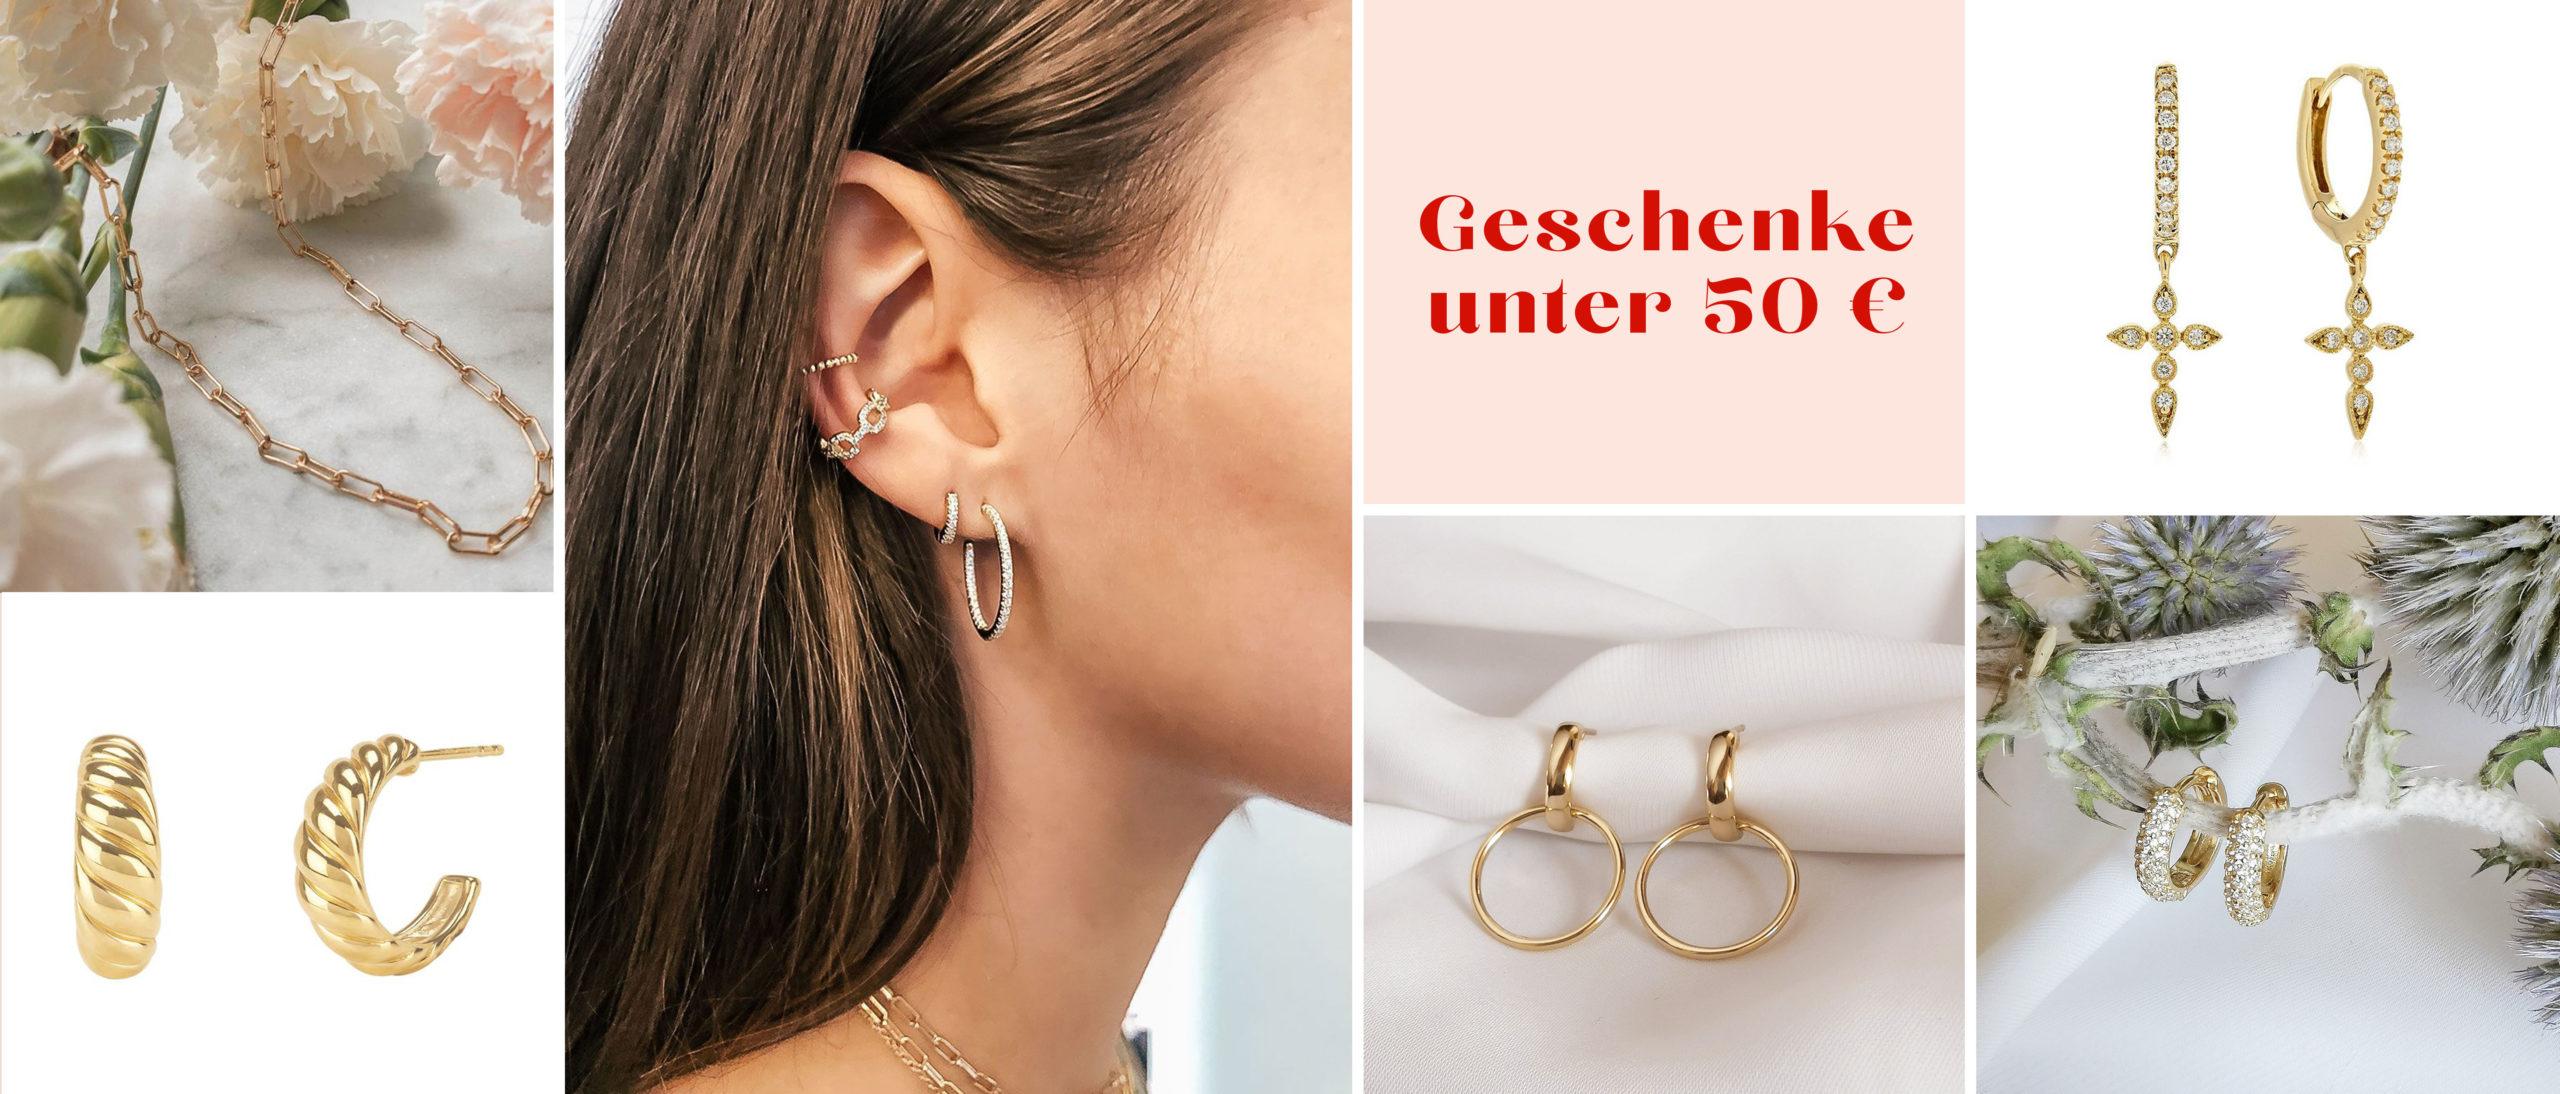 header_Geschenkeunter50Eur-small